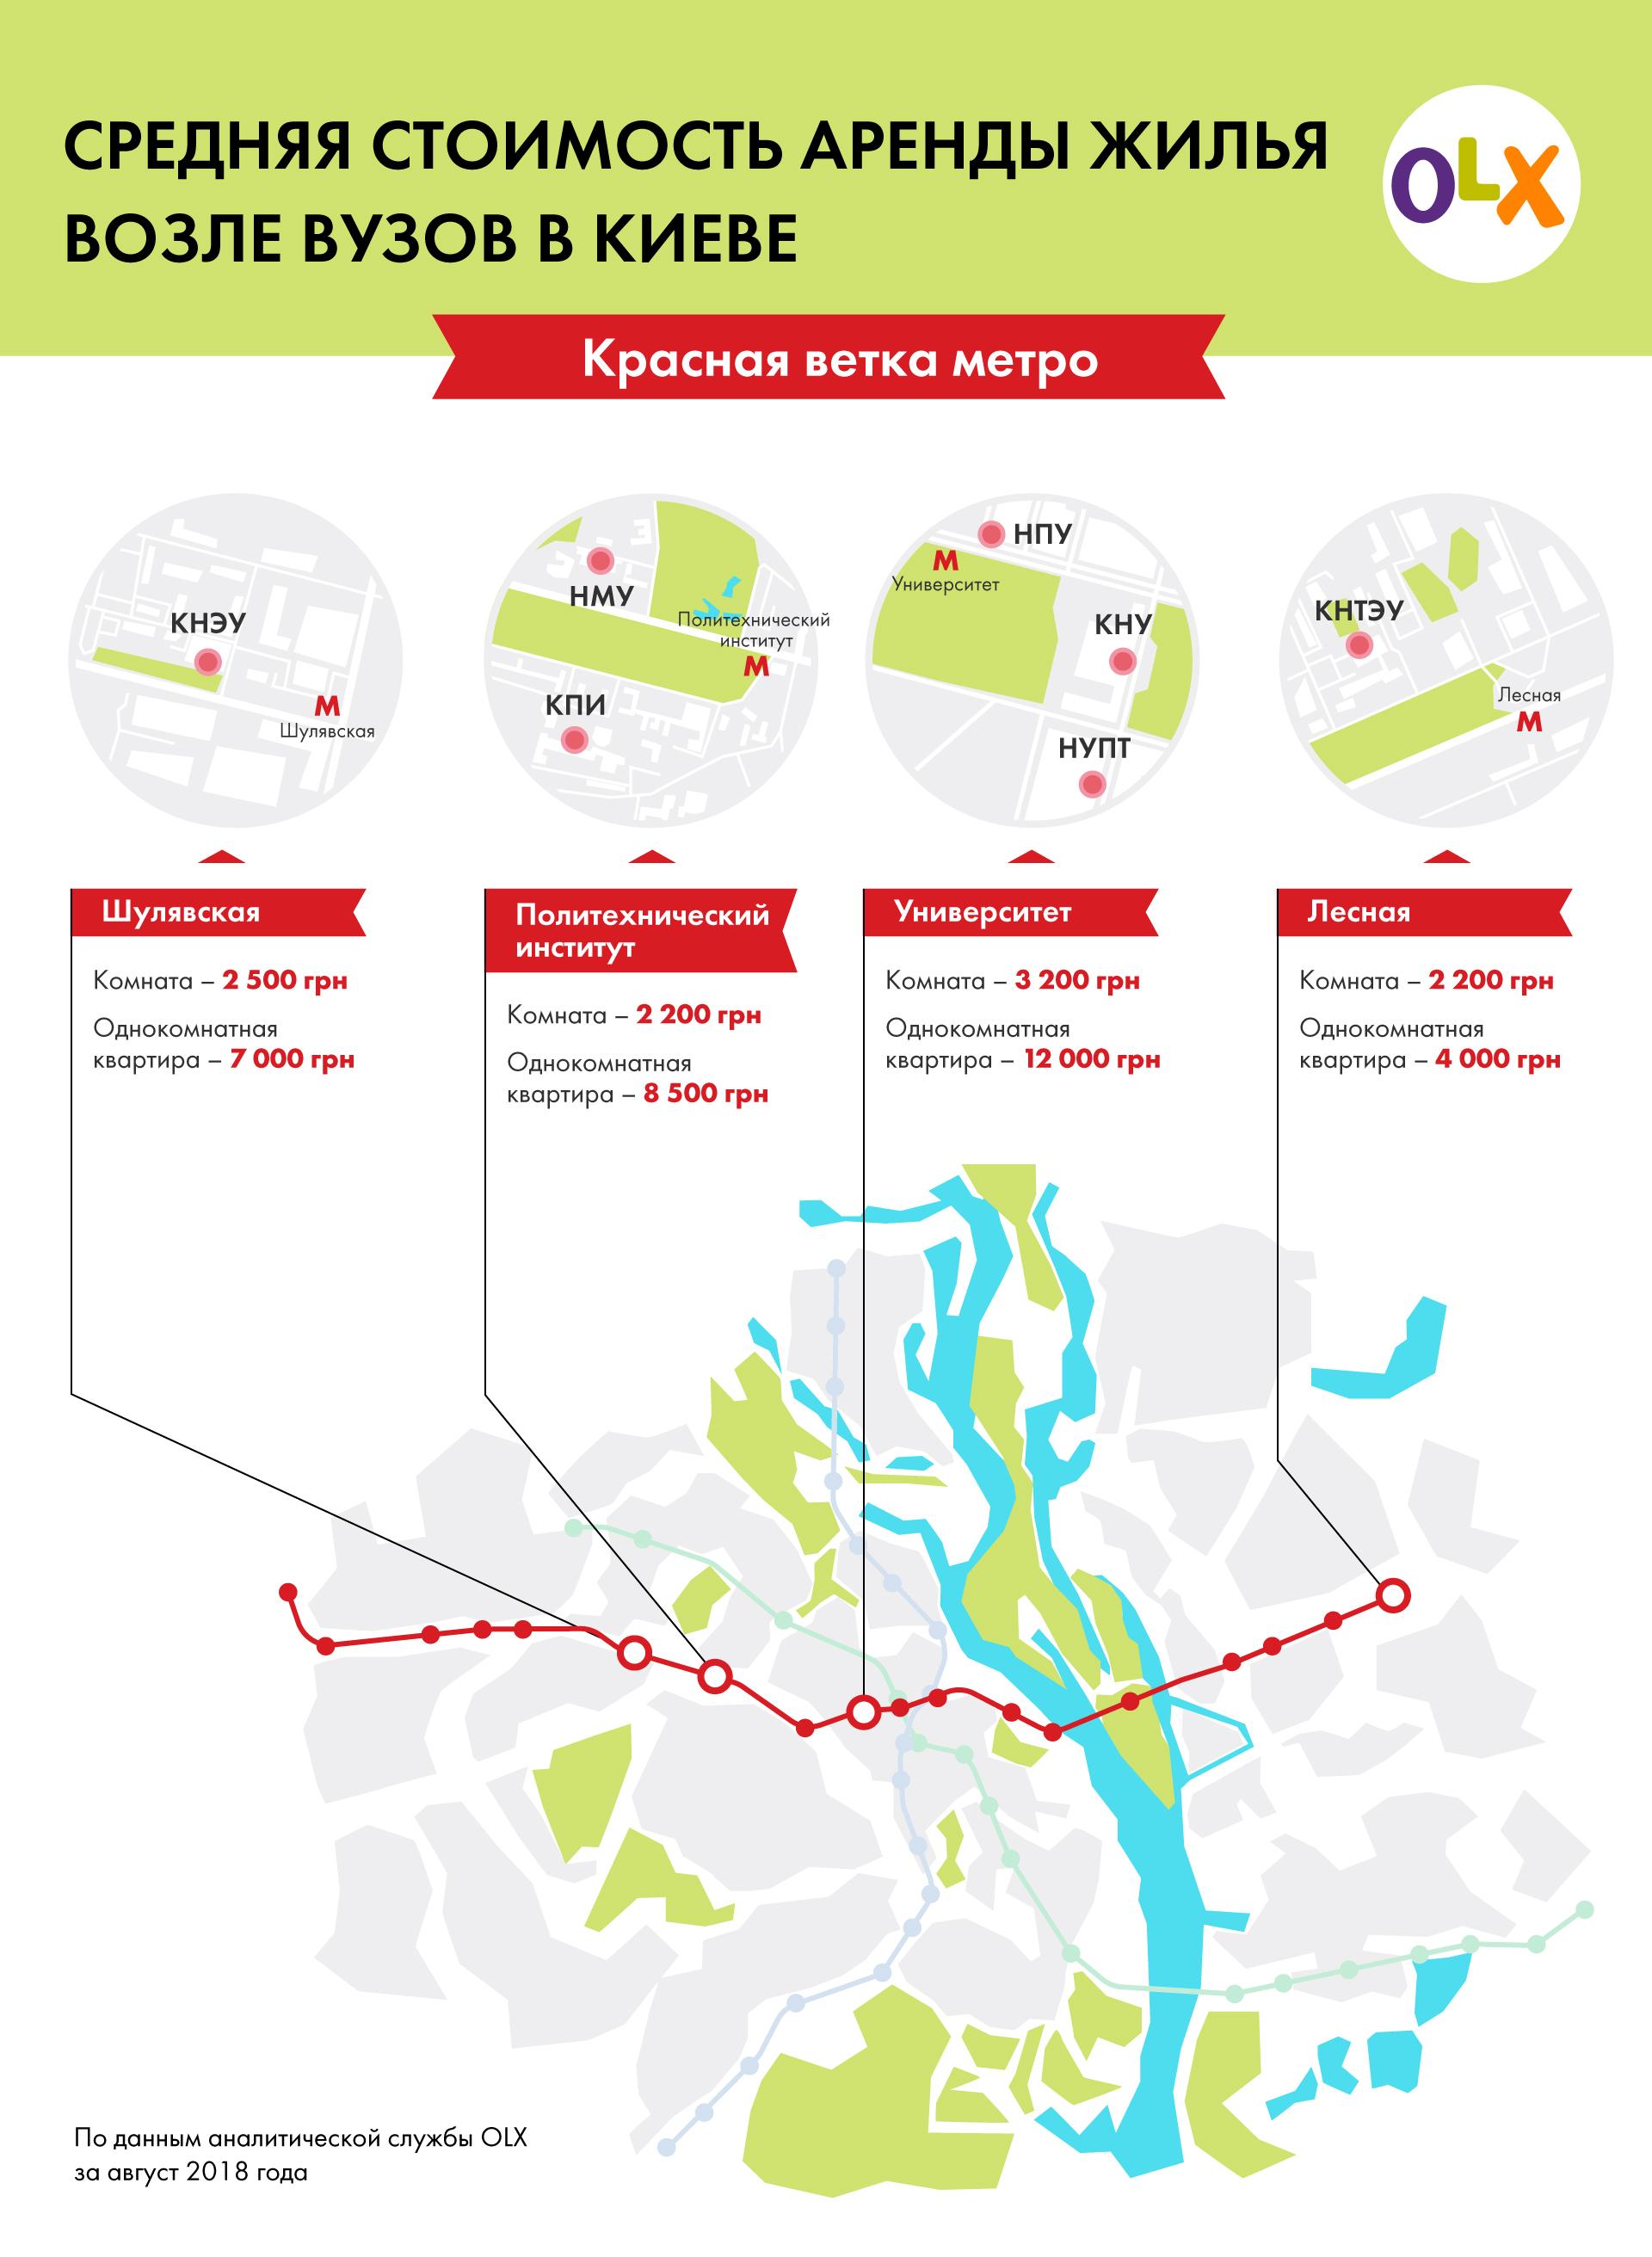 Аренда жилья на красной ветке метро